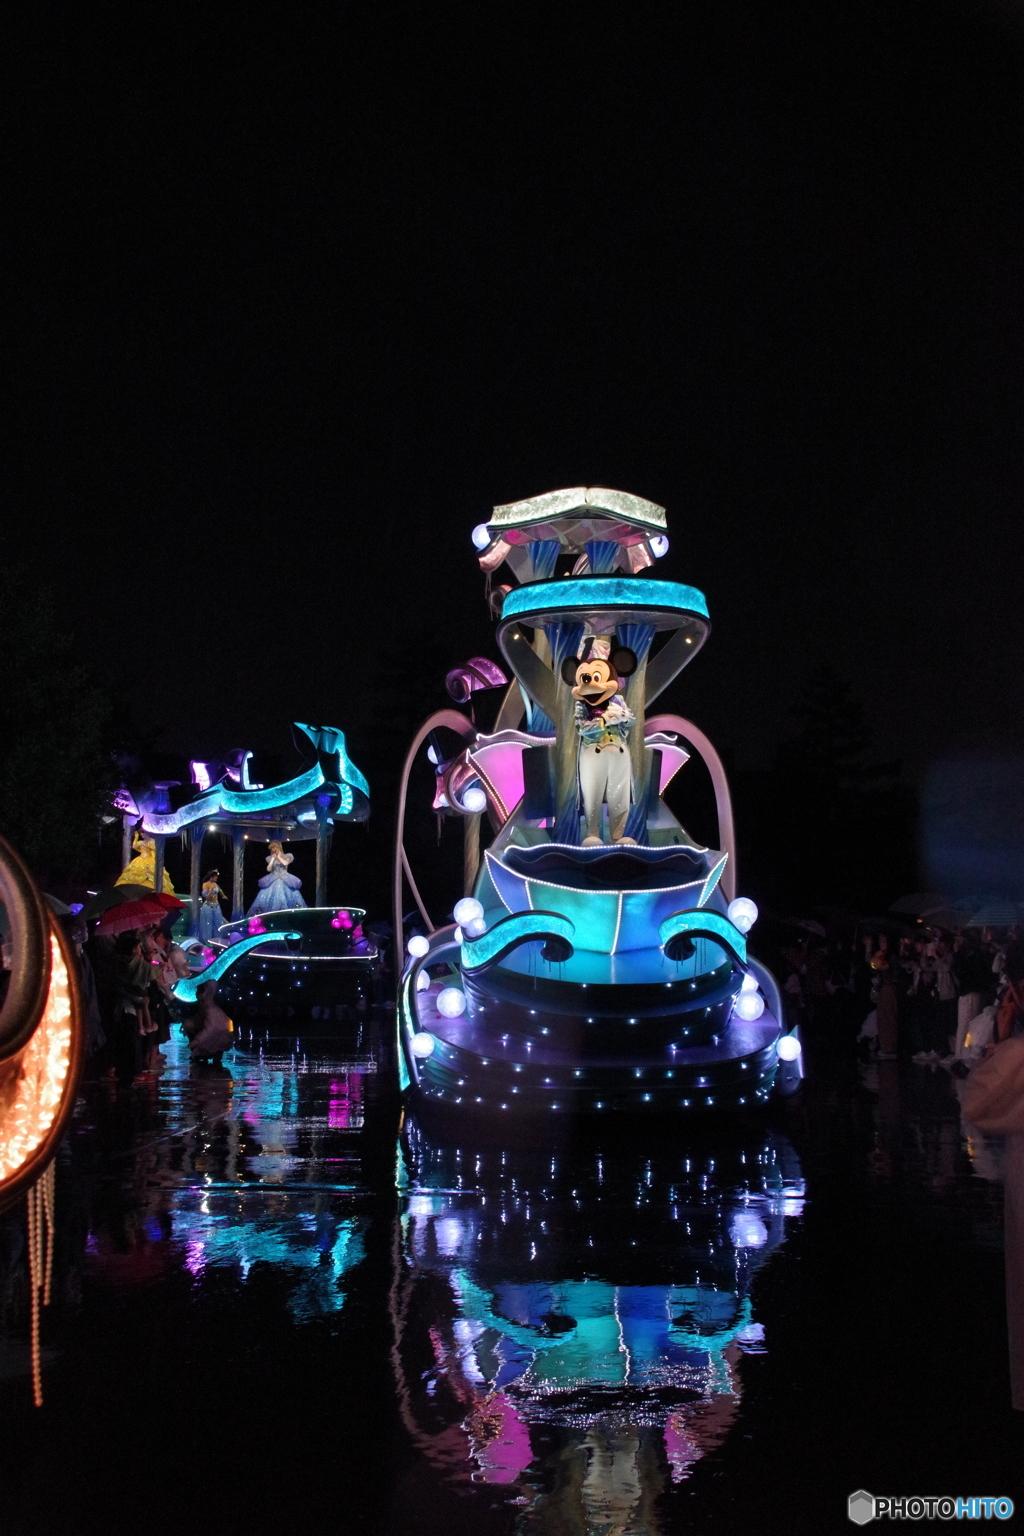 フォール グロウ ナイト 【東京ディズニーランド】今だけ毎日 幻想的でキレイすぎるパレード